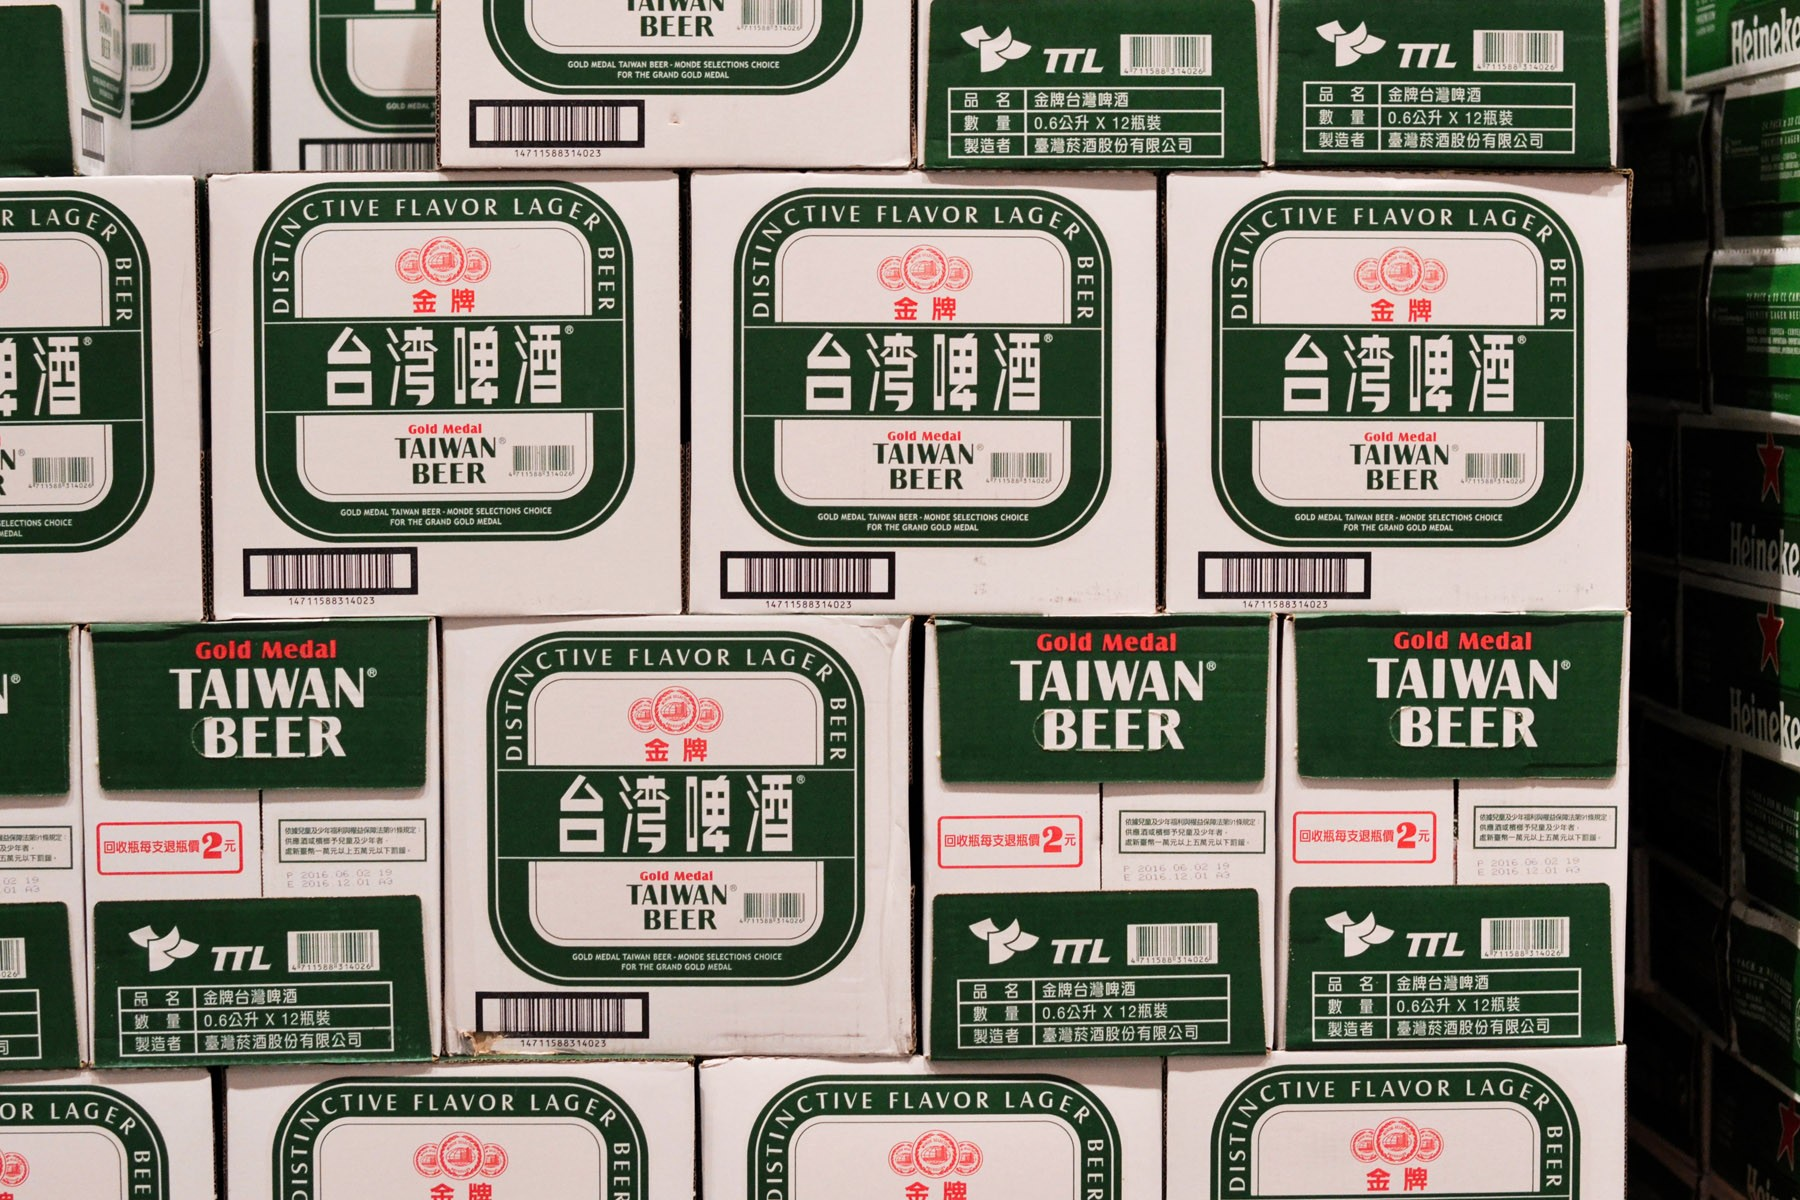 costcotaiwan_Taiwan Beer